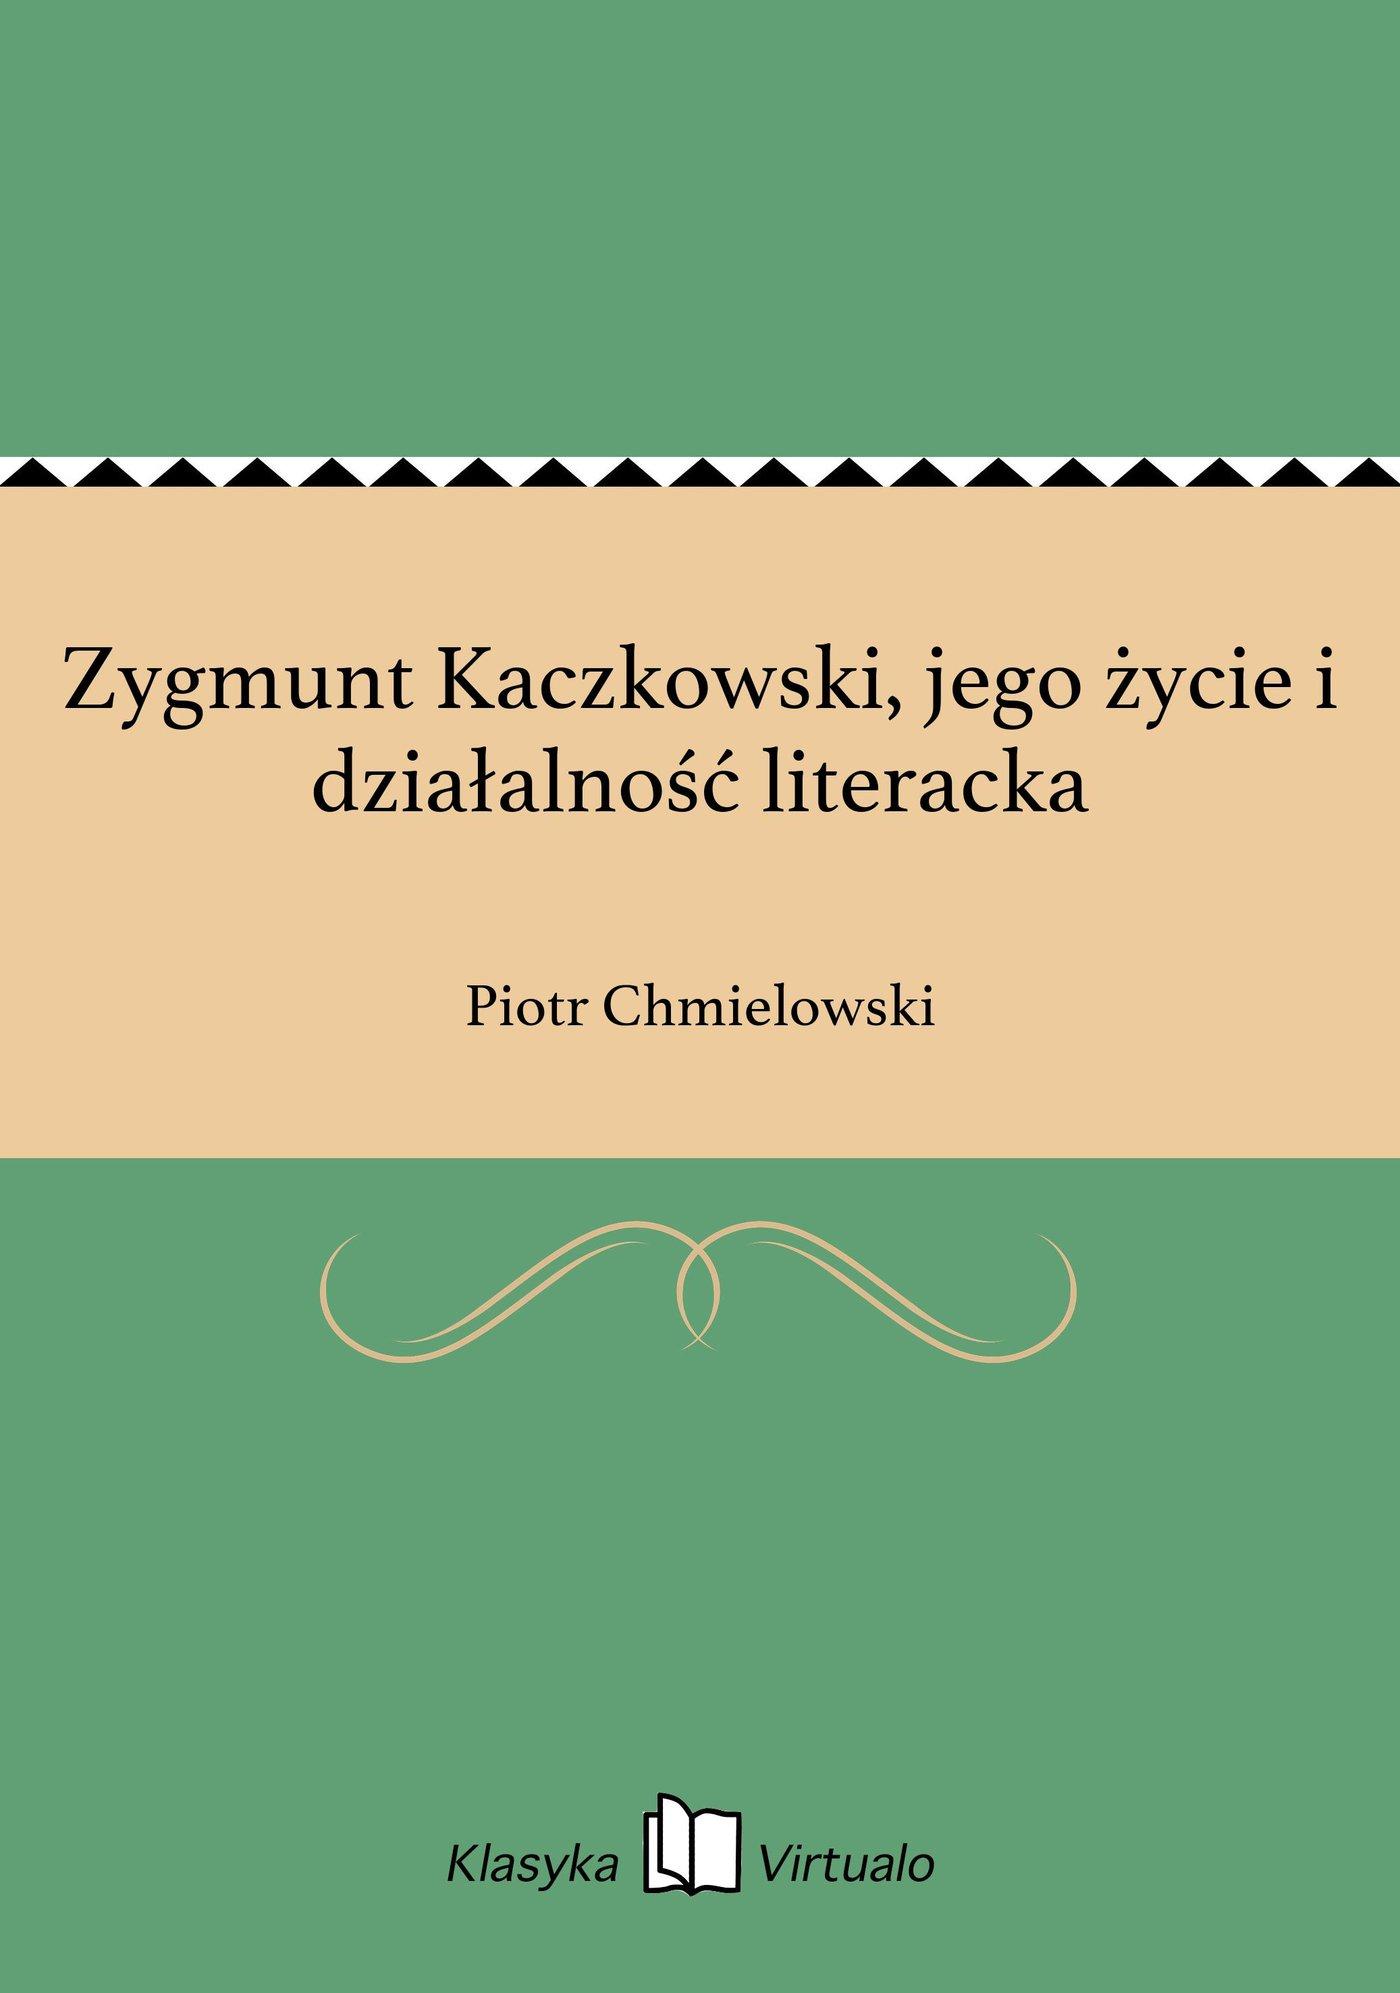 Zygmunt Kaczkowski, jego życie i działalność literacka - Ebook (Książka na Kindle) do pobrania w formacie MOBI